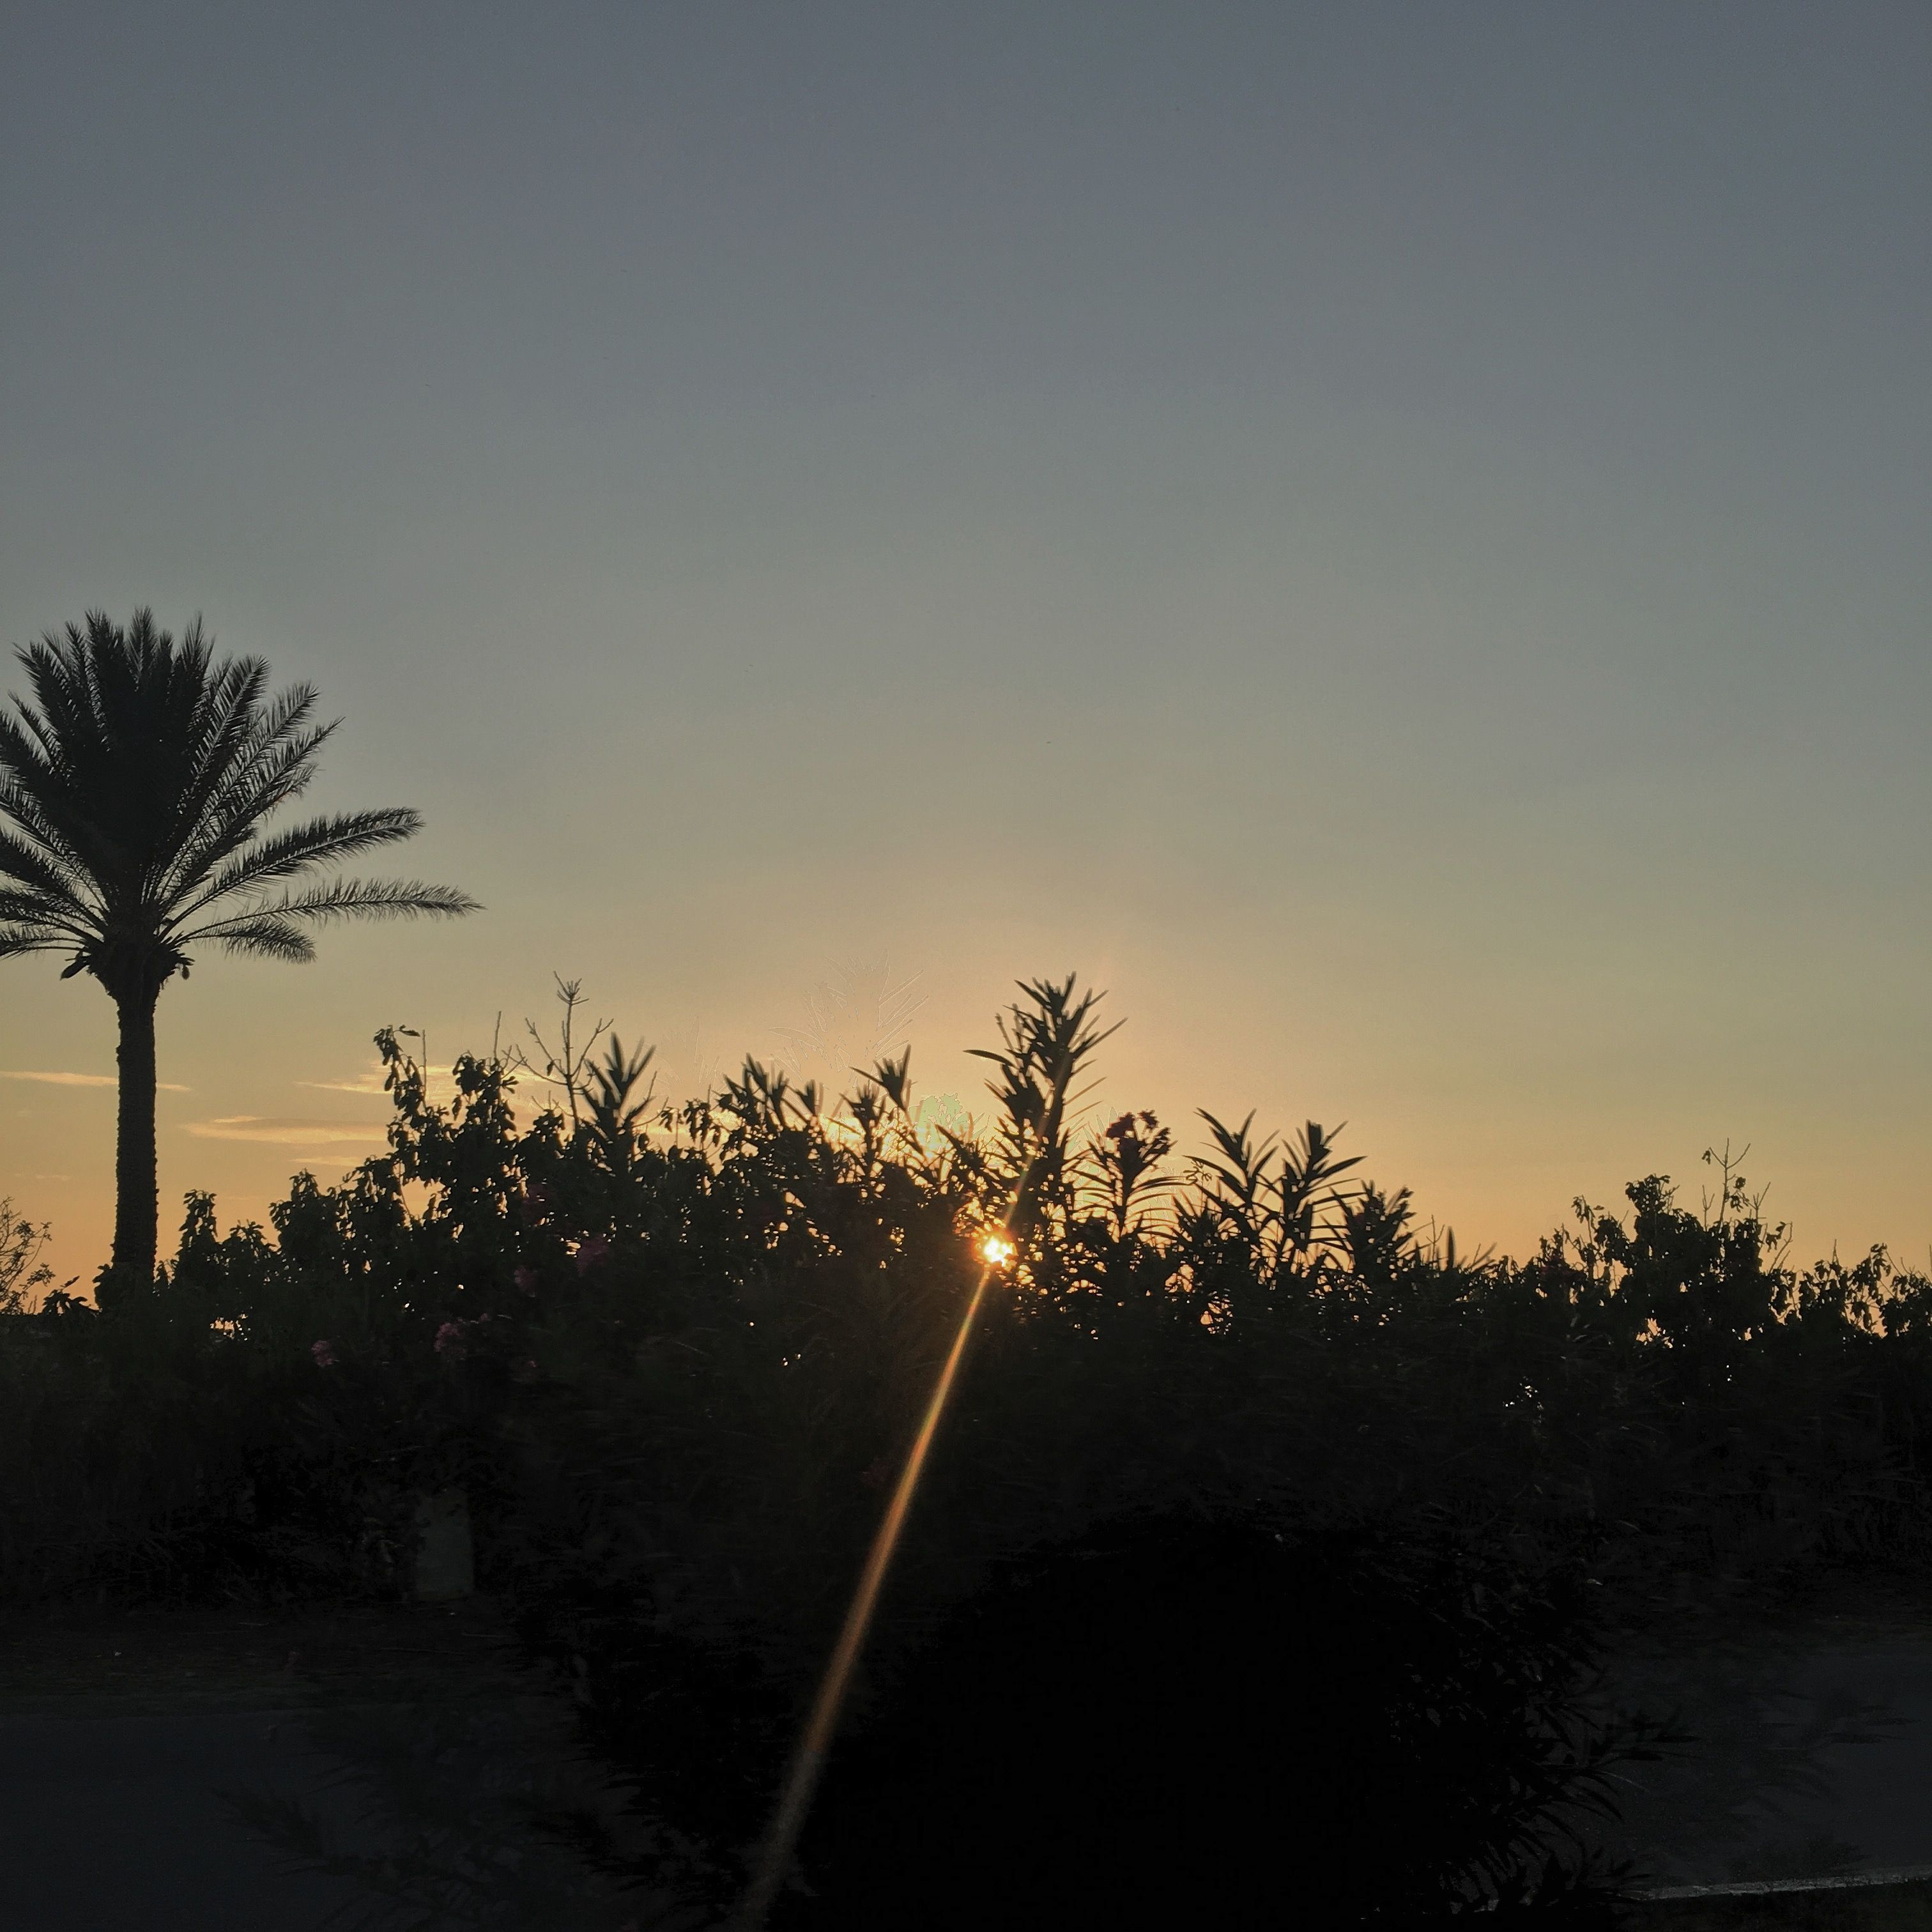 قمر الليله قمر الليله الغروب نعنع أزهار شاطيء البحر صبار صبر ورد زهور أبيض أحمر أصفر زهري اسود ابيض الوان ازهار حزينه أزها Celestial Outdoor Sunset